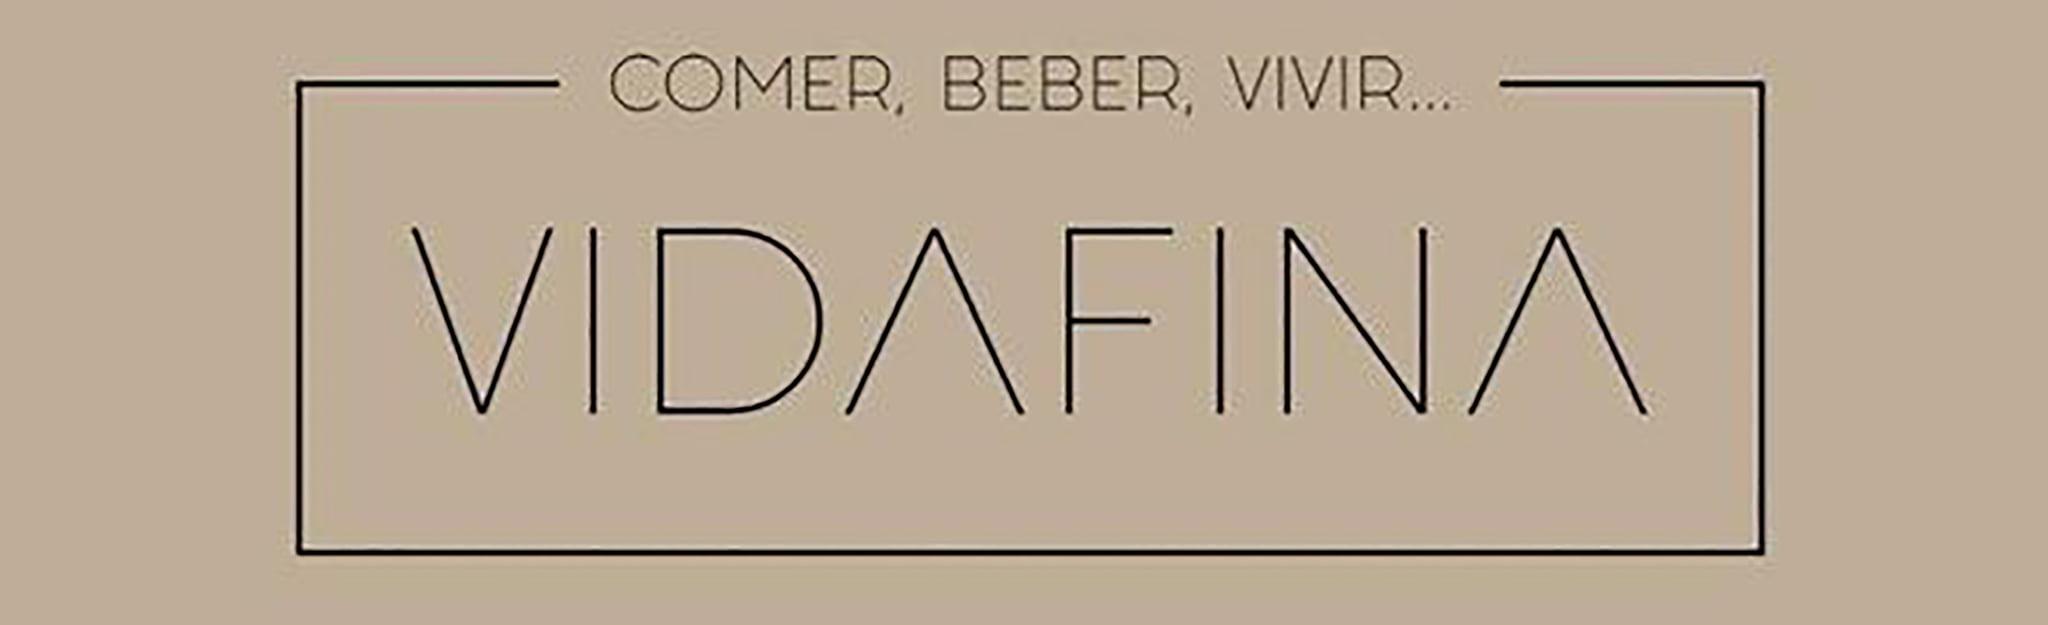 VidaFina logo